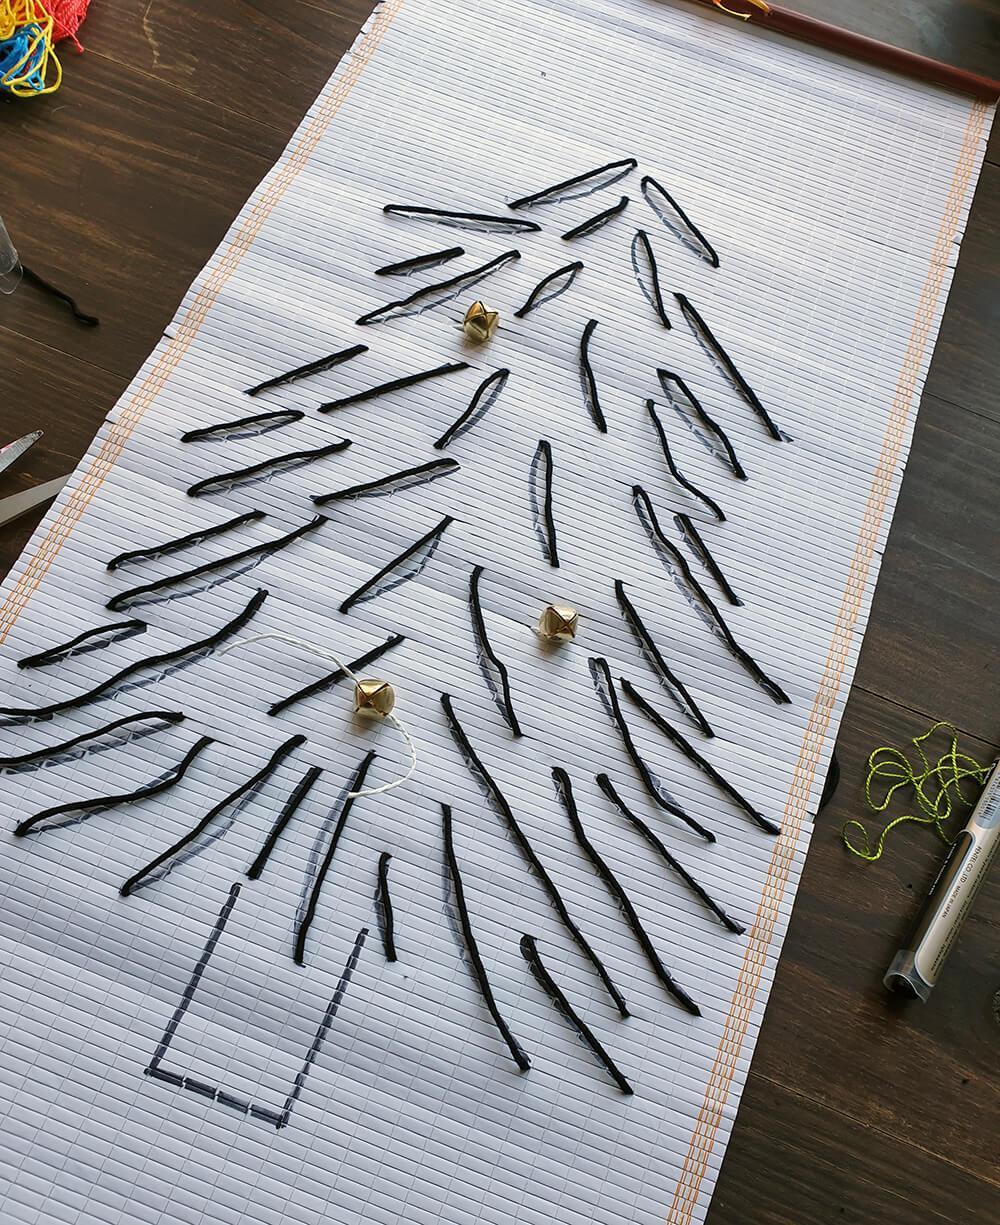 Installation de grelots sur le sapin zero dechet - DIY Noël : comment fabriquer un sapin zéro déchet ?